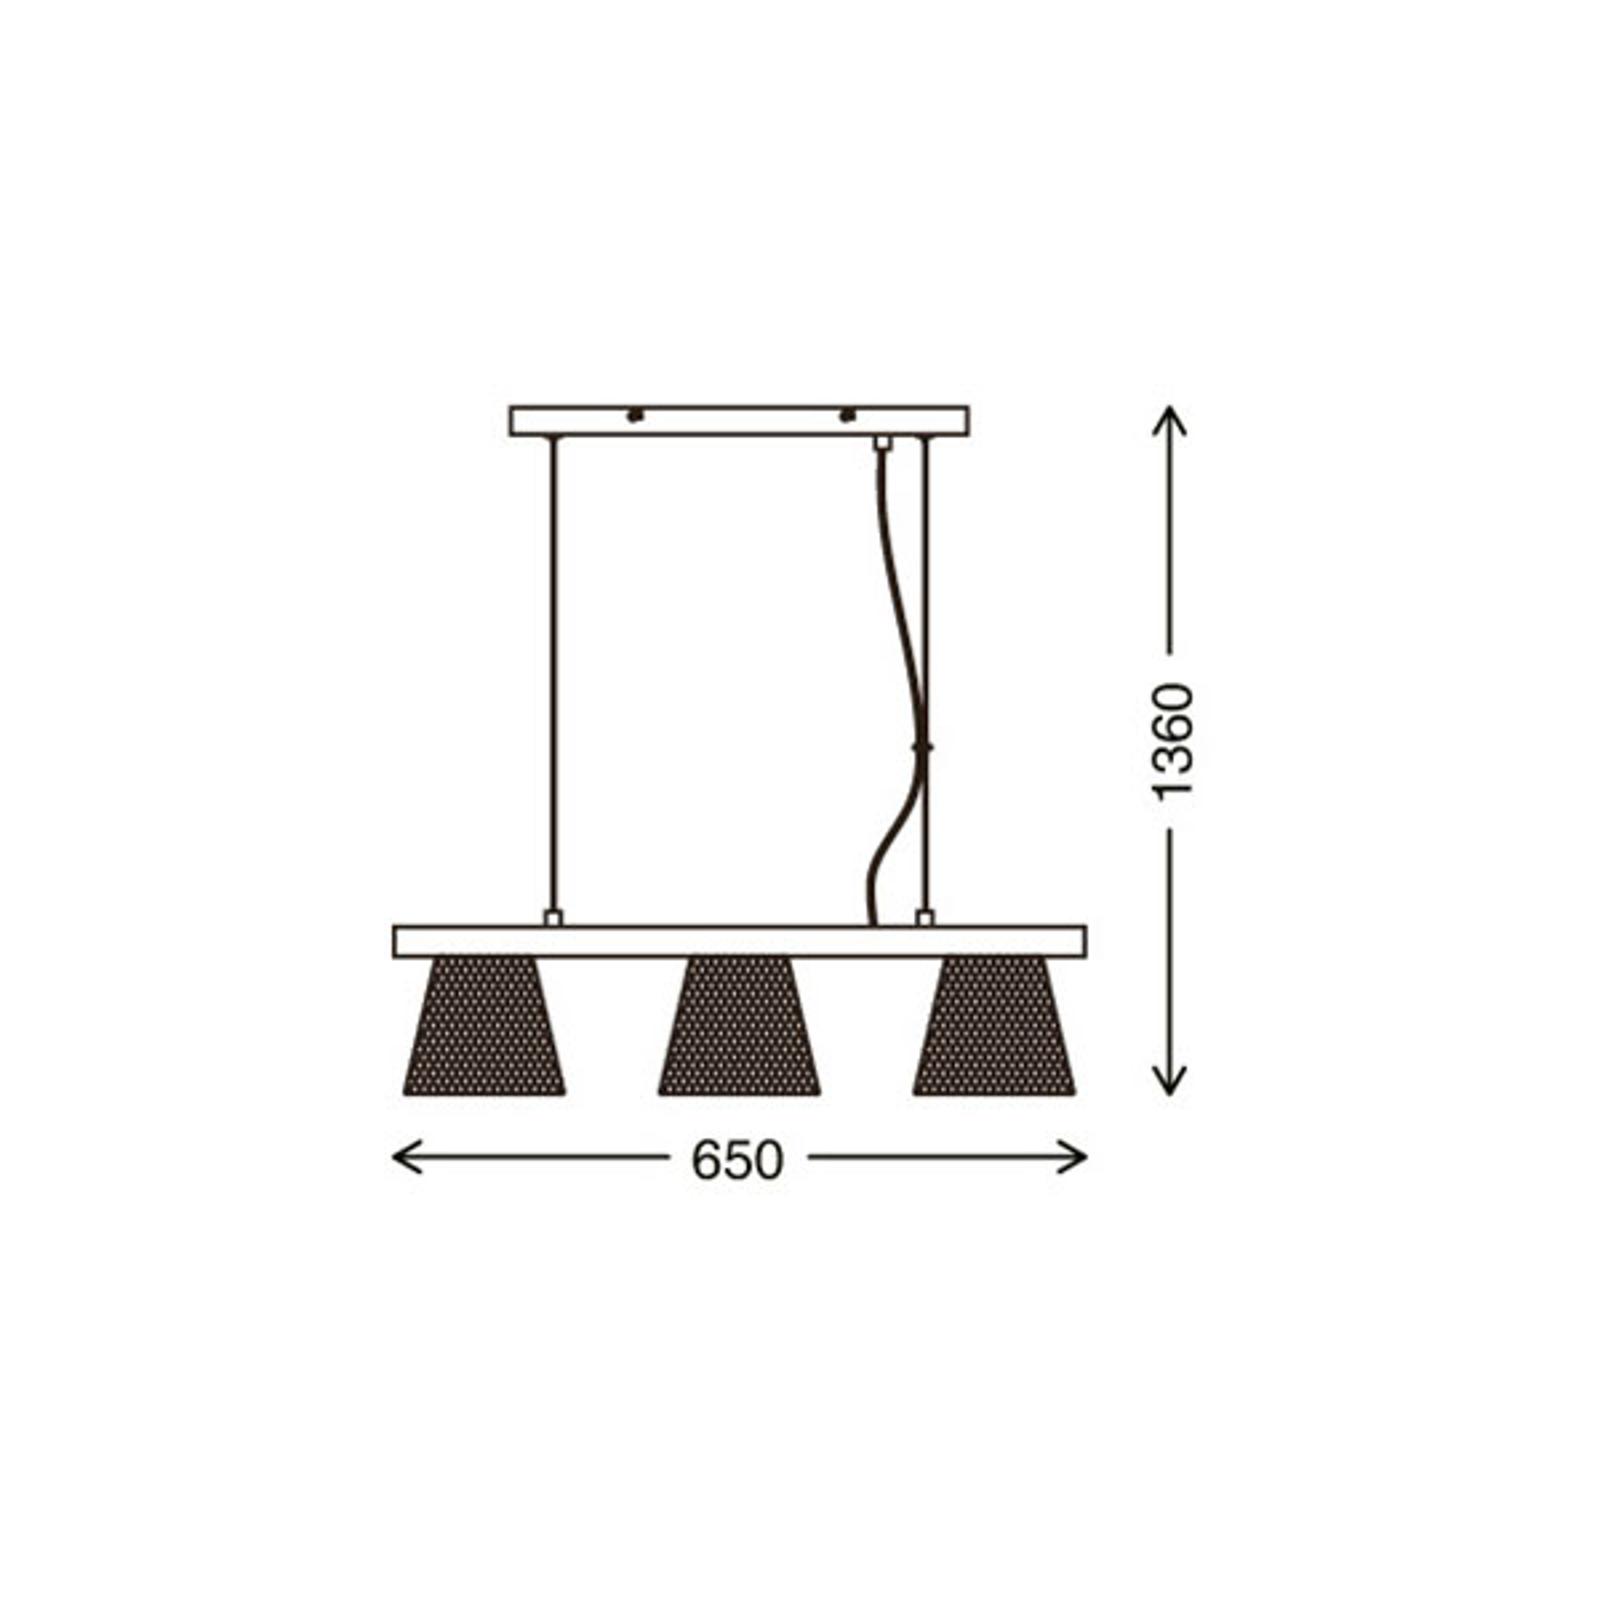 Lampa wisząca Wood & Style 4077, długa, 3-pkt.